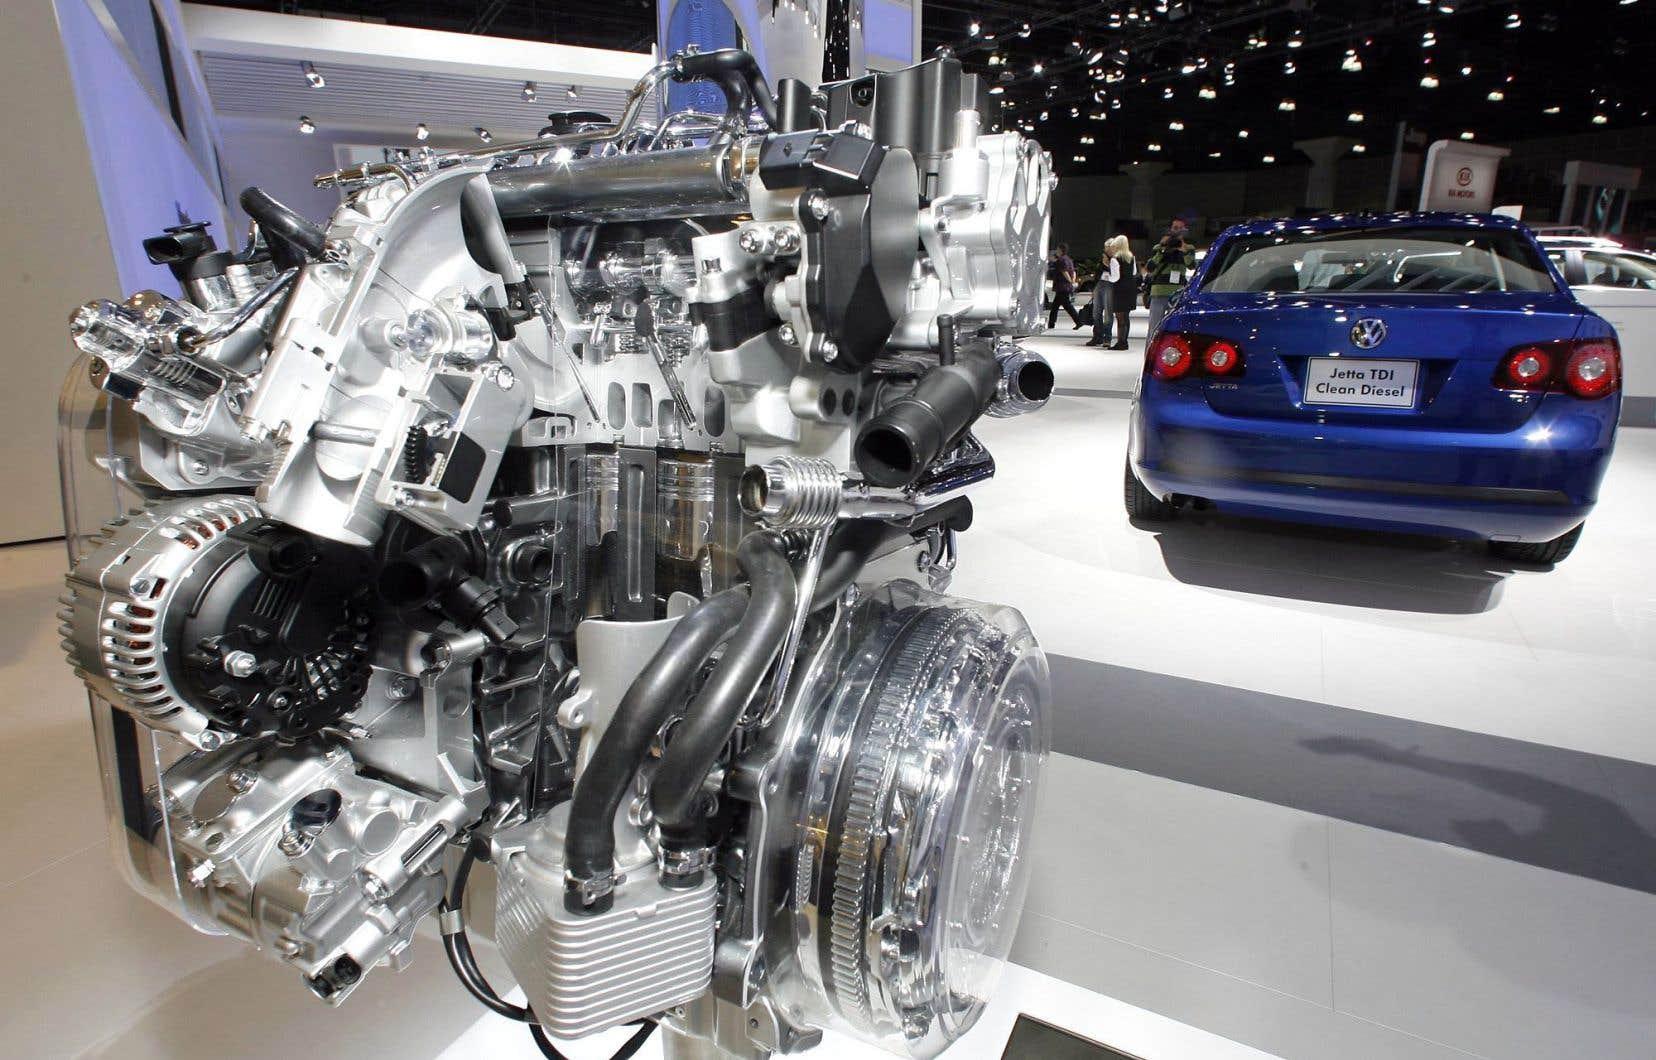 La proposition de règlement au Canada couvre certains modèles, dont la Jetta, dotés de moteurs au diesel comme celui-ci.